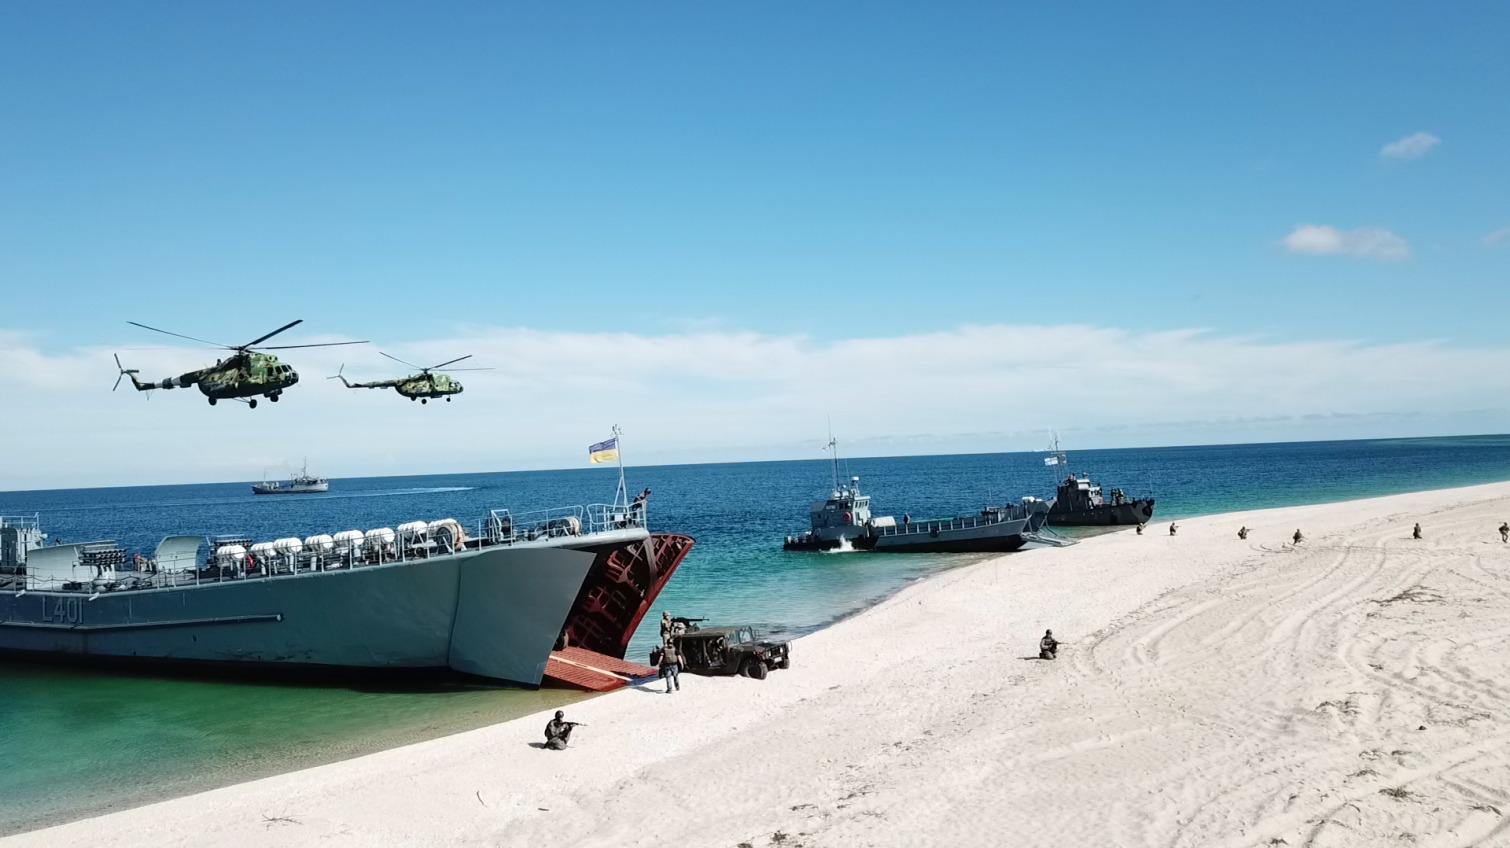 Оборона от катеров и бой за высадку: в Черном море прошли учения ВМС (фото) «фото»